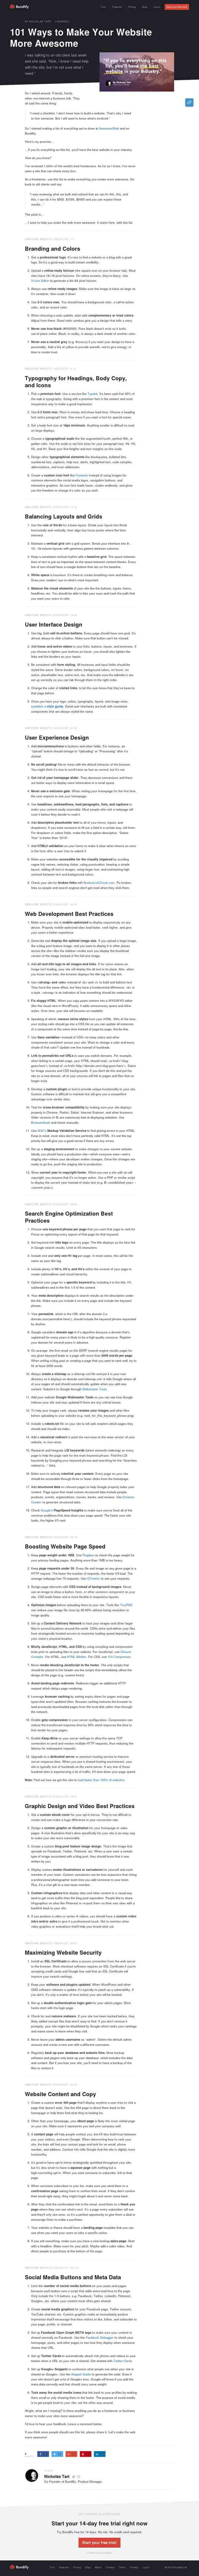 bundlify.com/blog/make-website-awesome-checklist